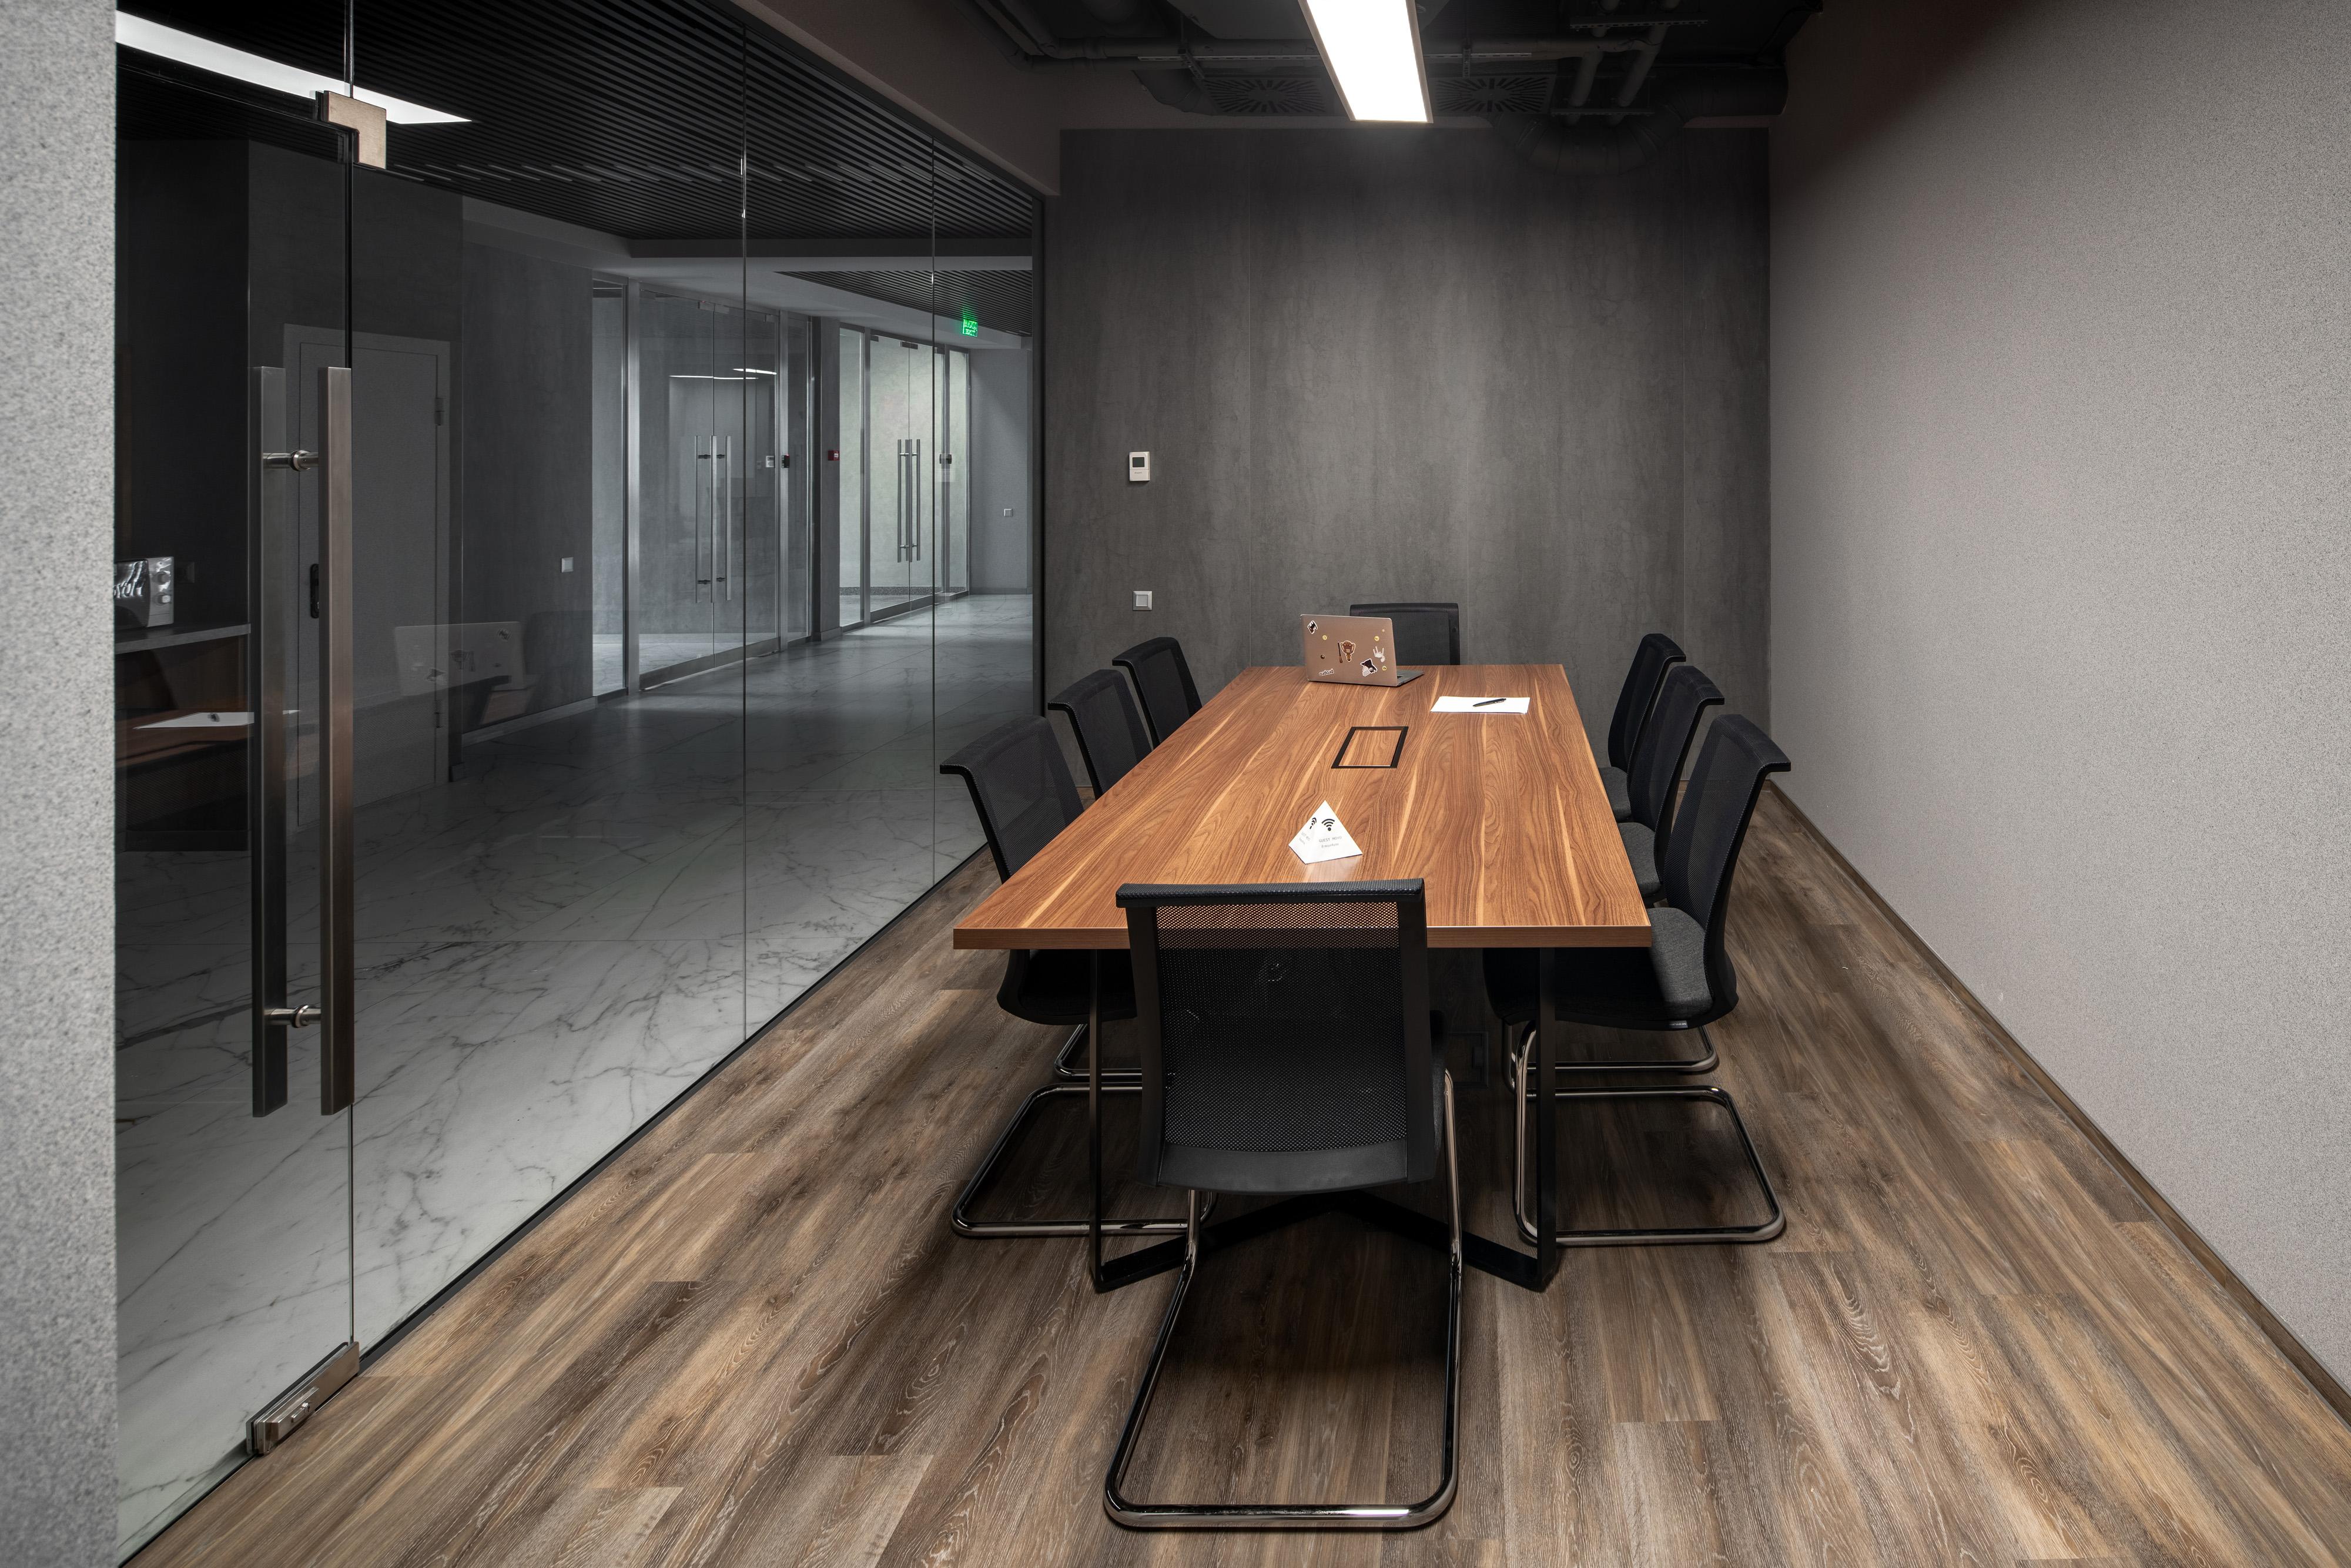 Зона переговоров и конференций1